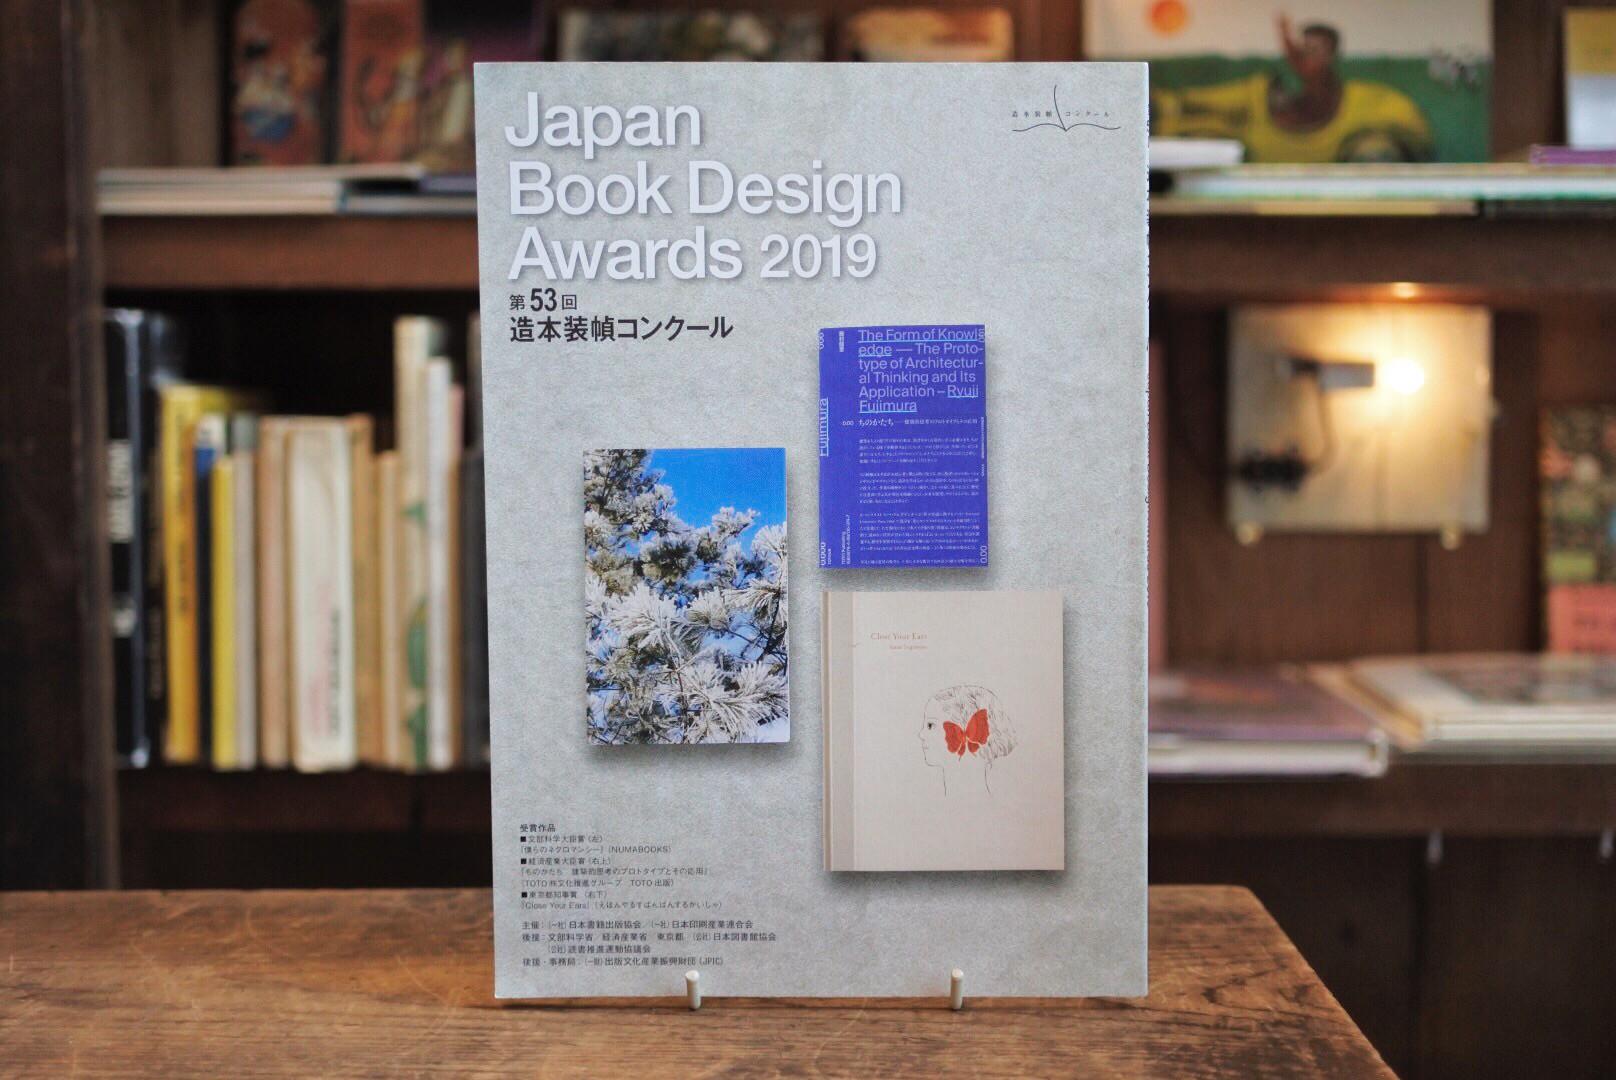 第53回造本装幀コンクールにて 東京都知事賞を受賞しました